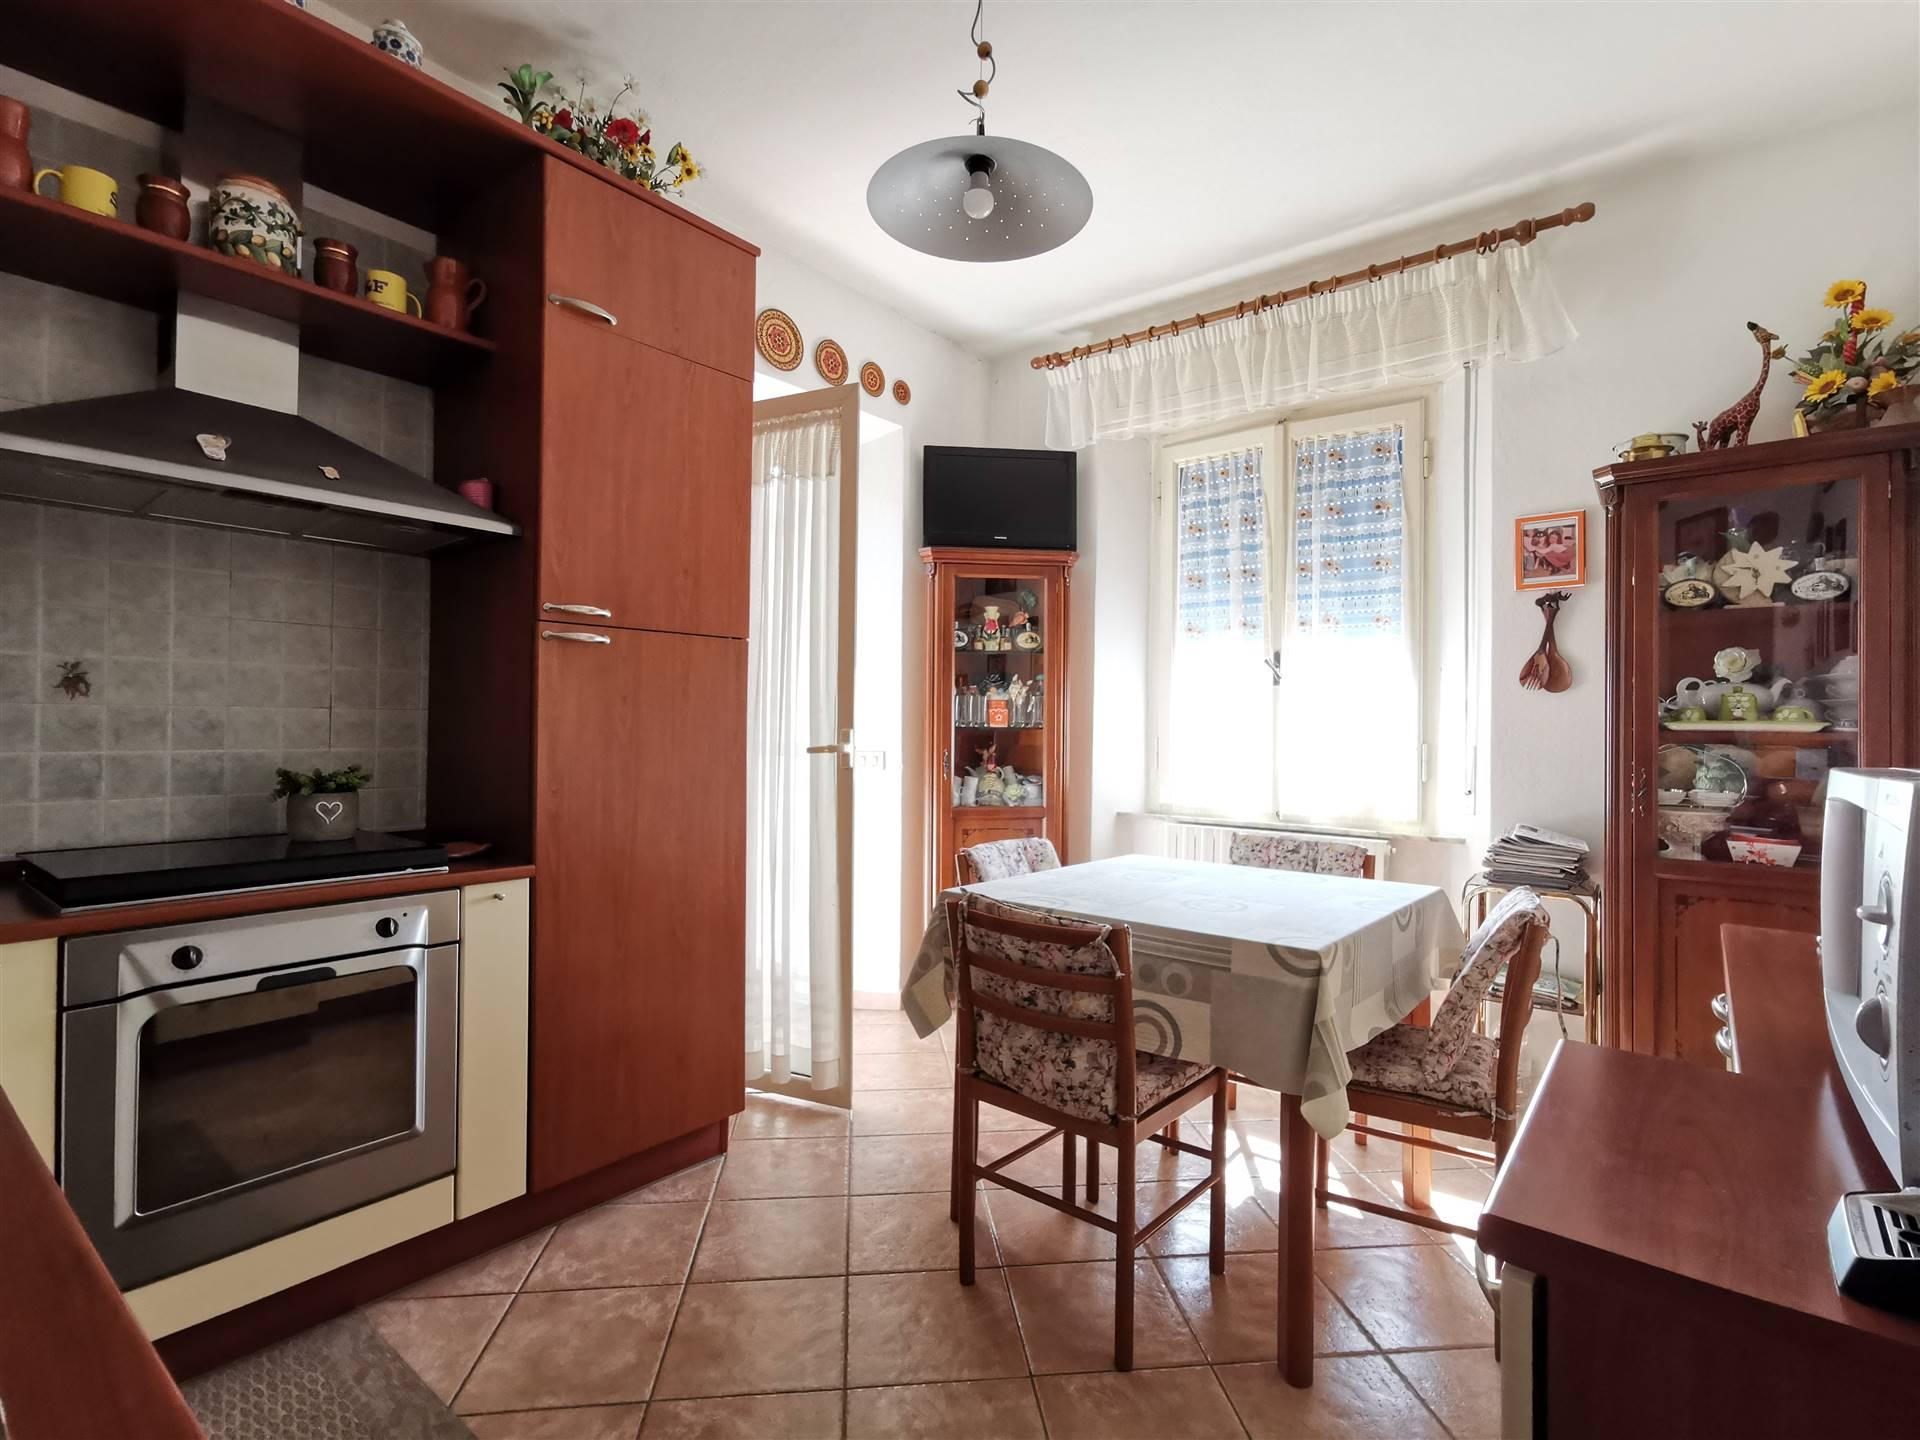 Appartamento in vendita a Campiglia Marittima, 3 locali, zona urina, prezzo € 97.000   PortaleAgenzieImmobiliari.it